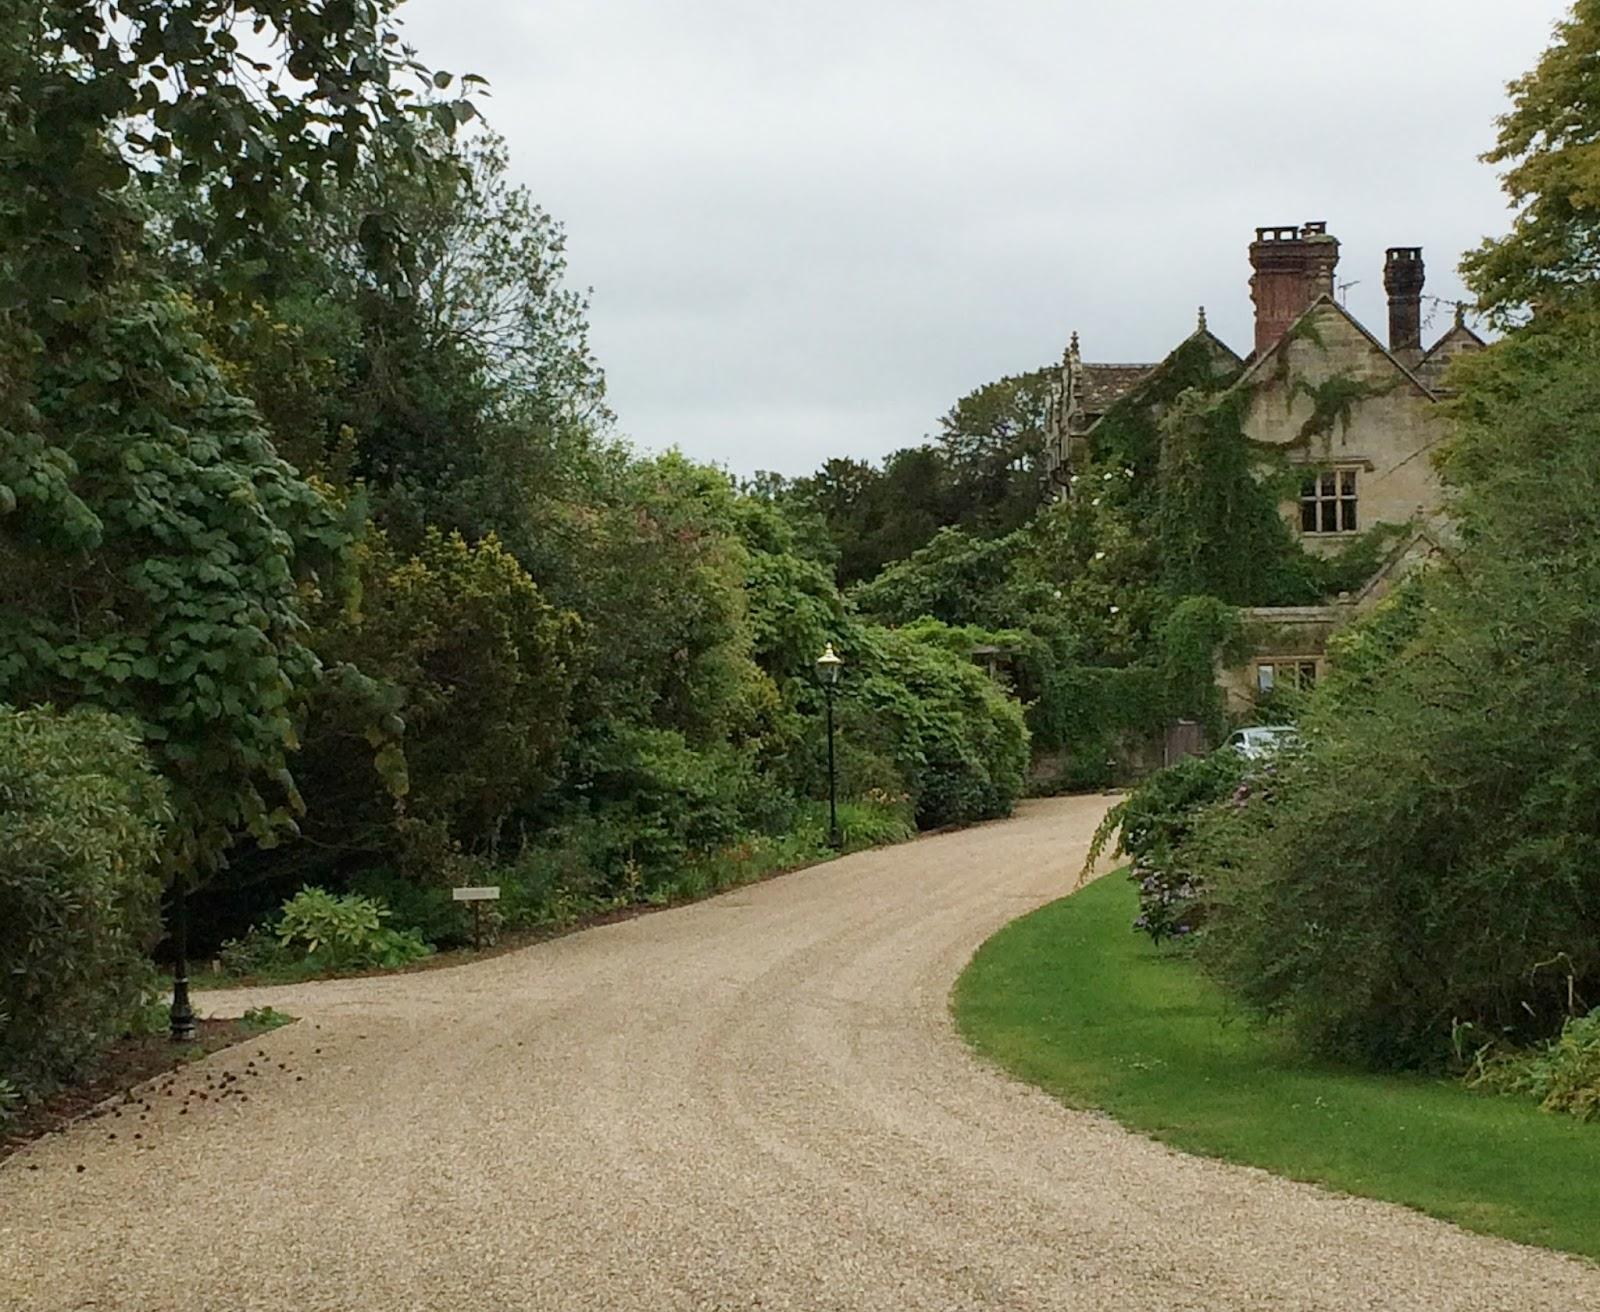 Gravetye Manor – Battleaxe goes up-market